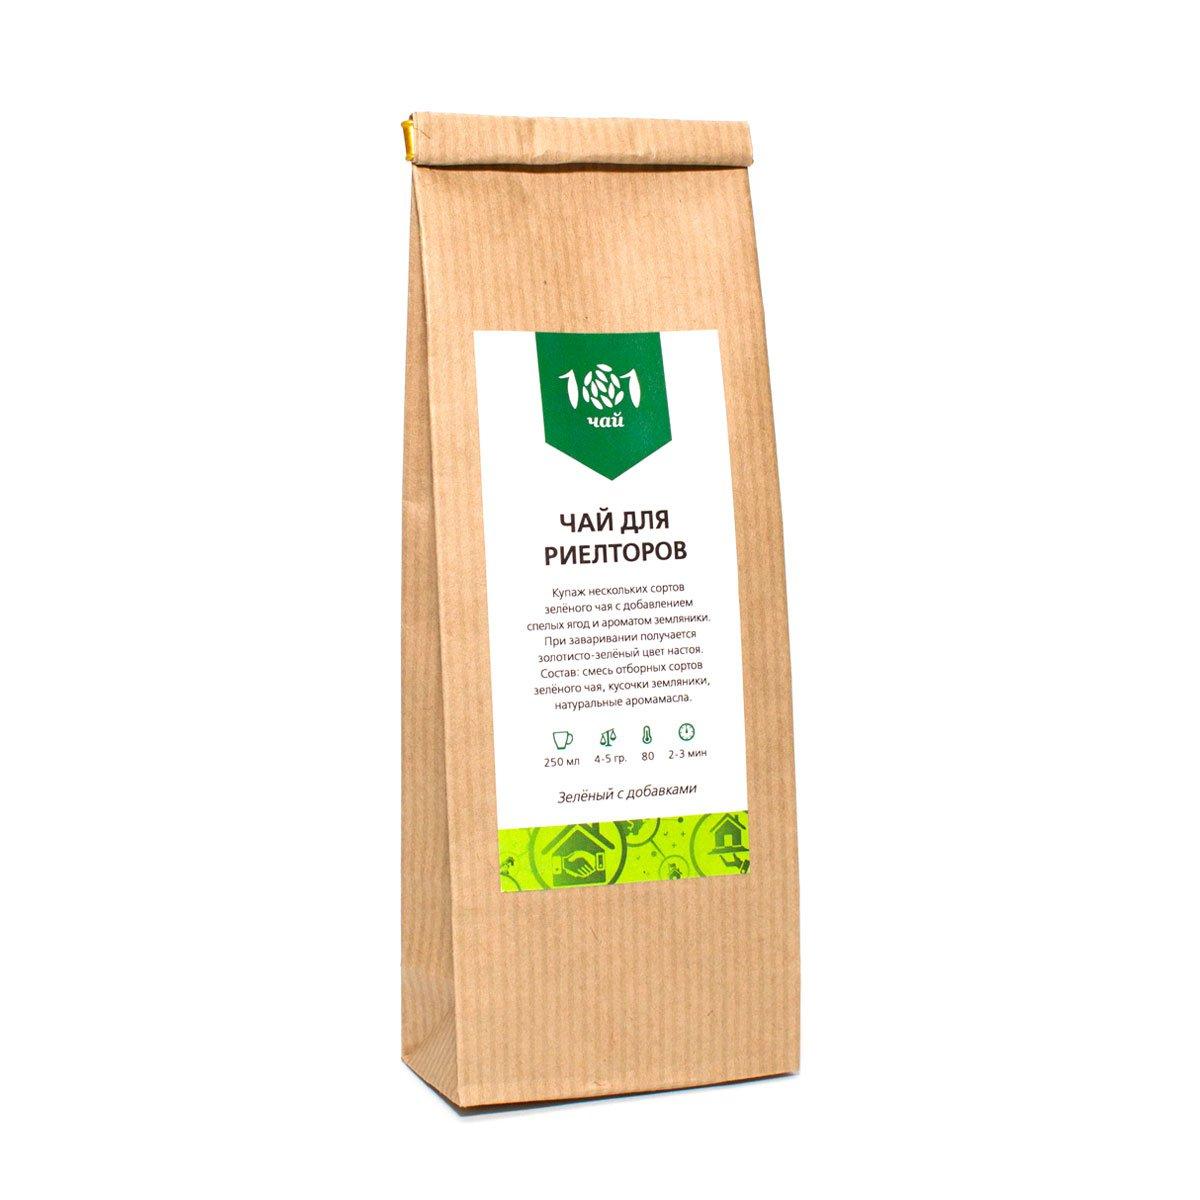 Чай для риэлторов (зеленый) от 101 Чай